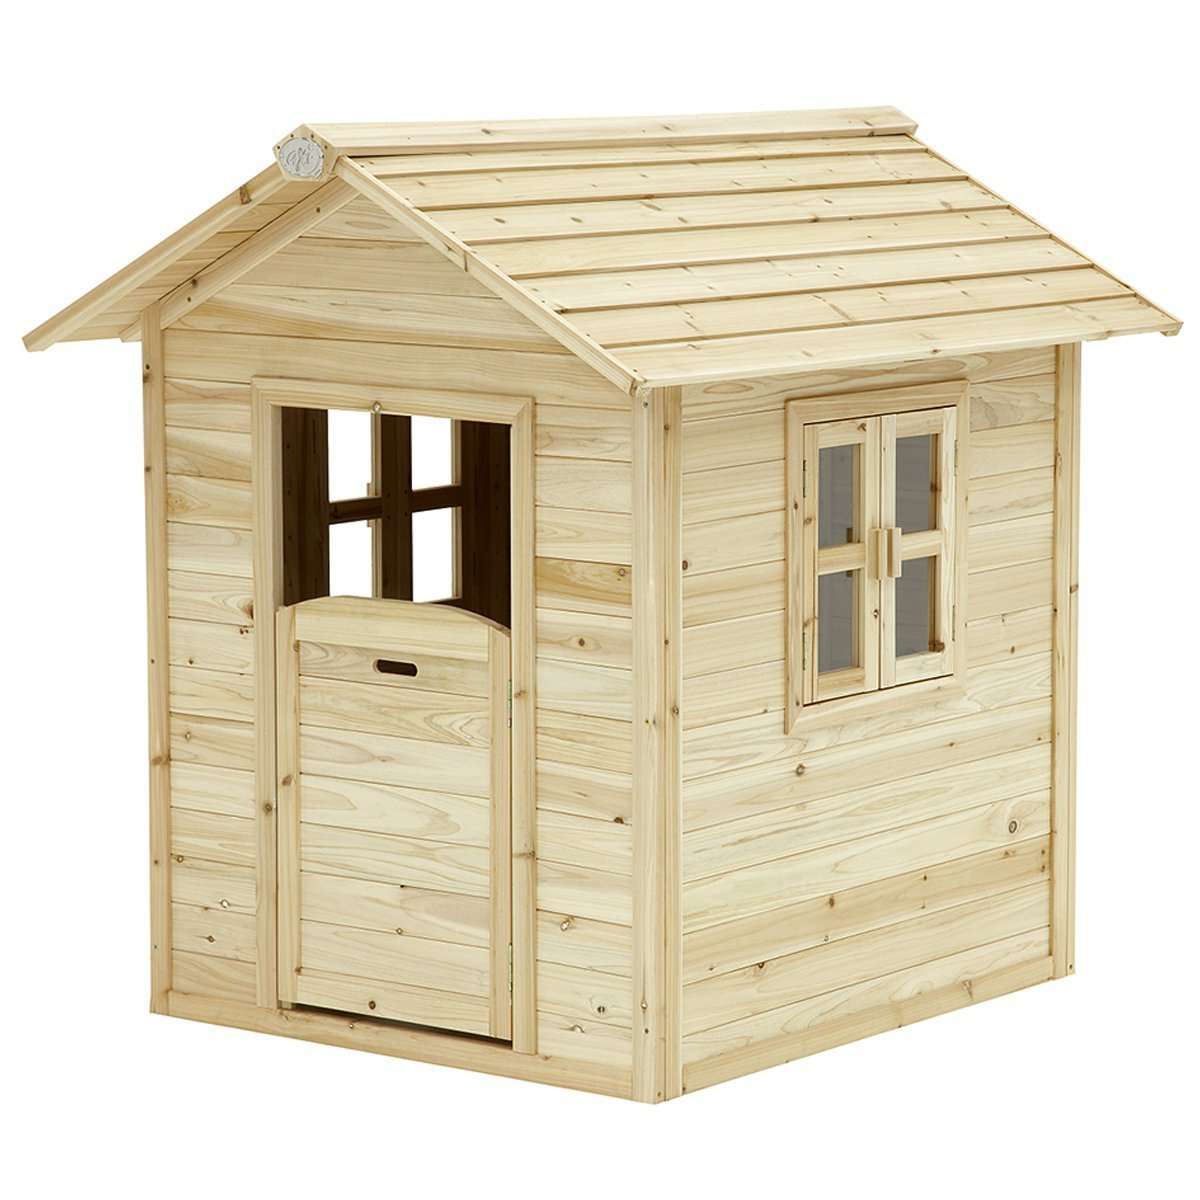 Casette In Legno Terrazzo Permessi migliore casetta in legno 2020 - come scegliere, opinioni e